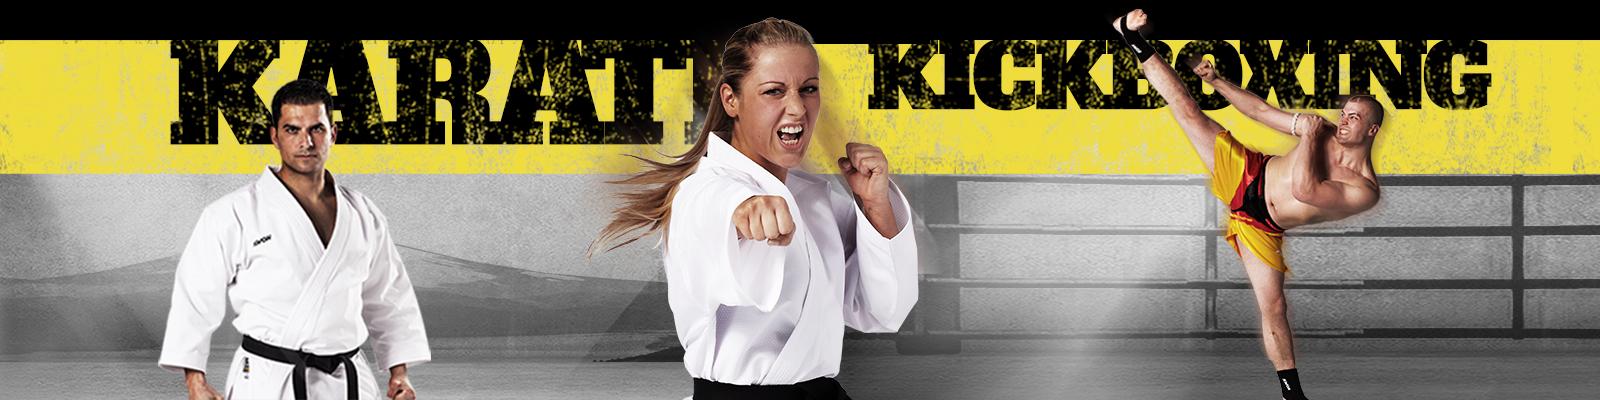 Karate Kickboxing